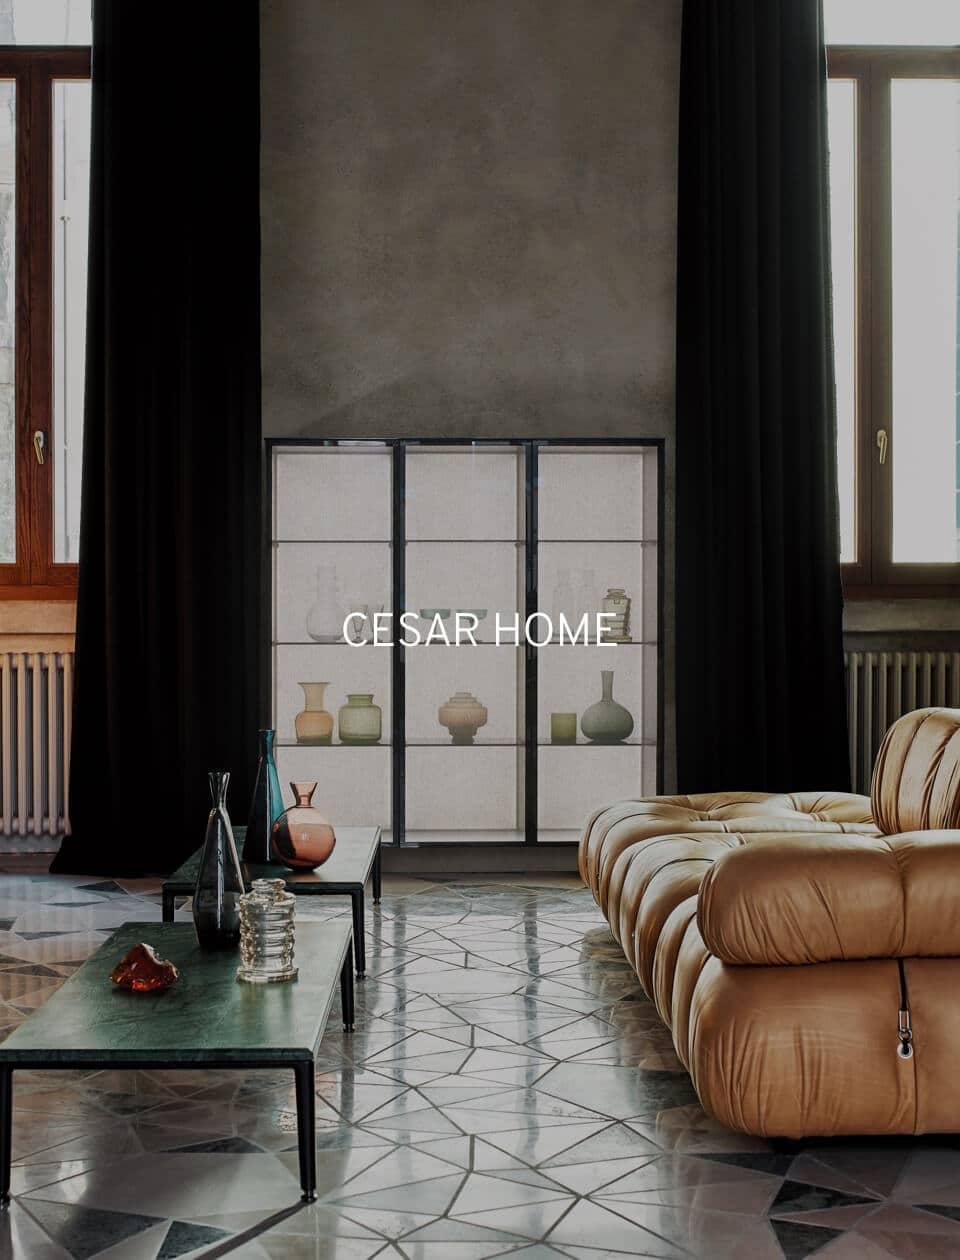 Cesar Home